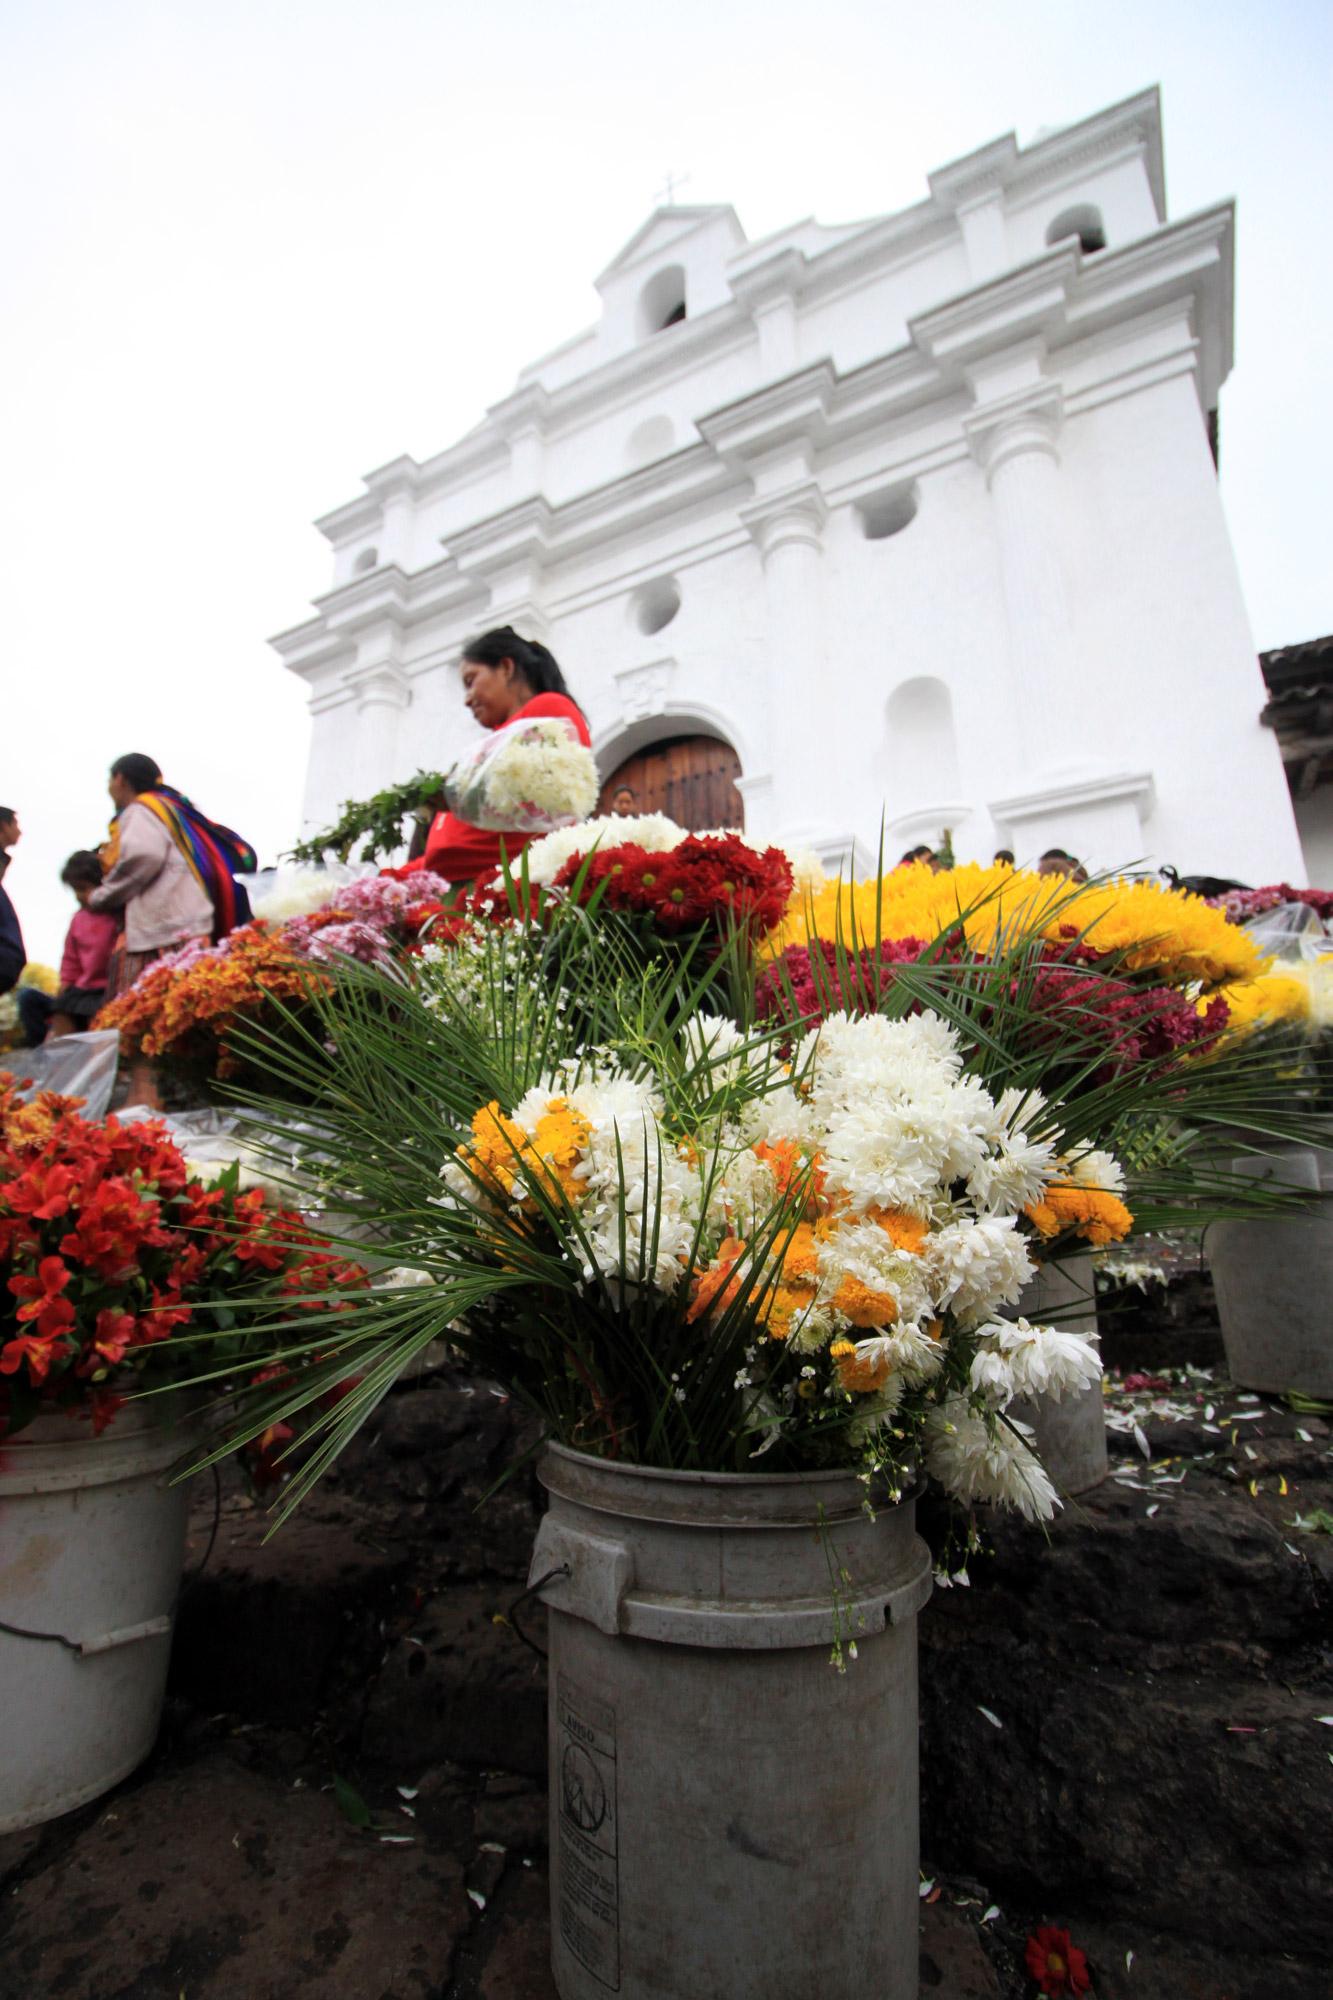 Een bezoek aan de markt van Chichicastenango in Guatemala